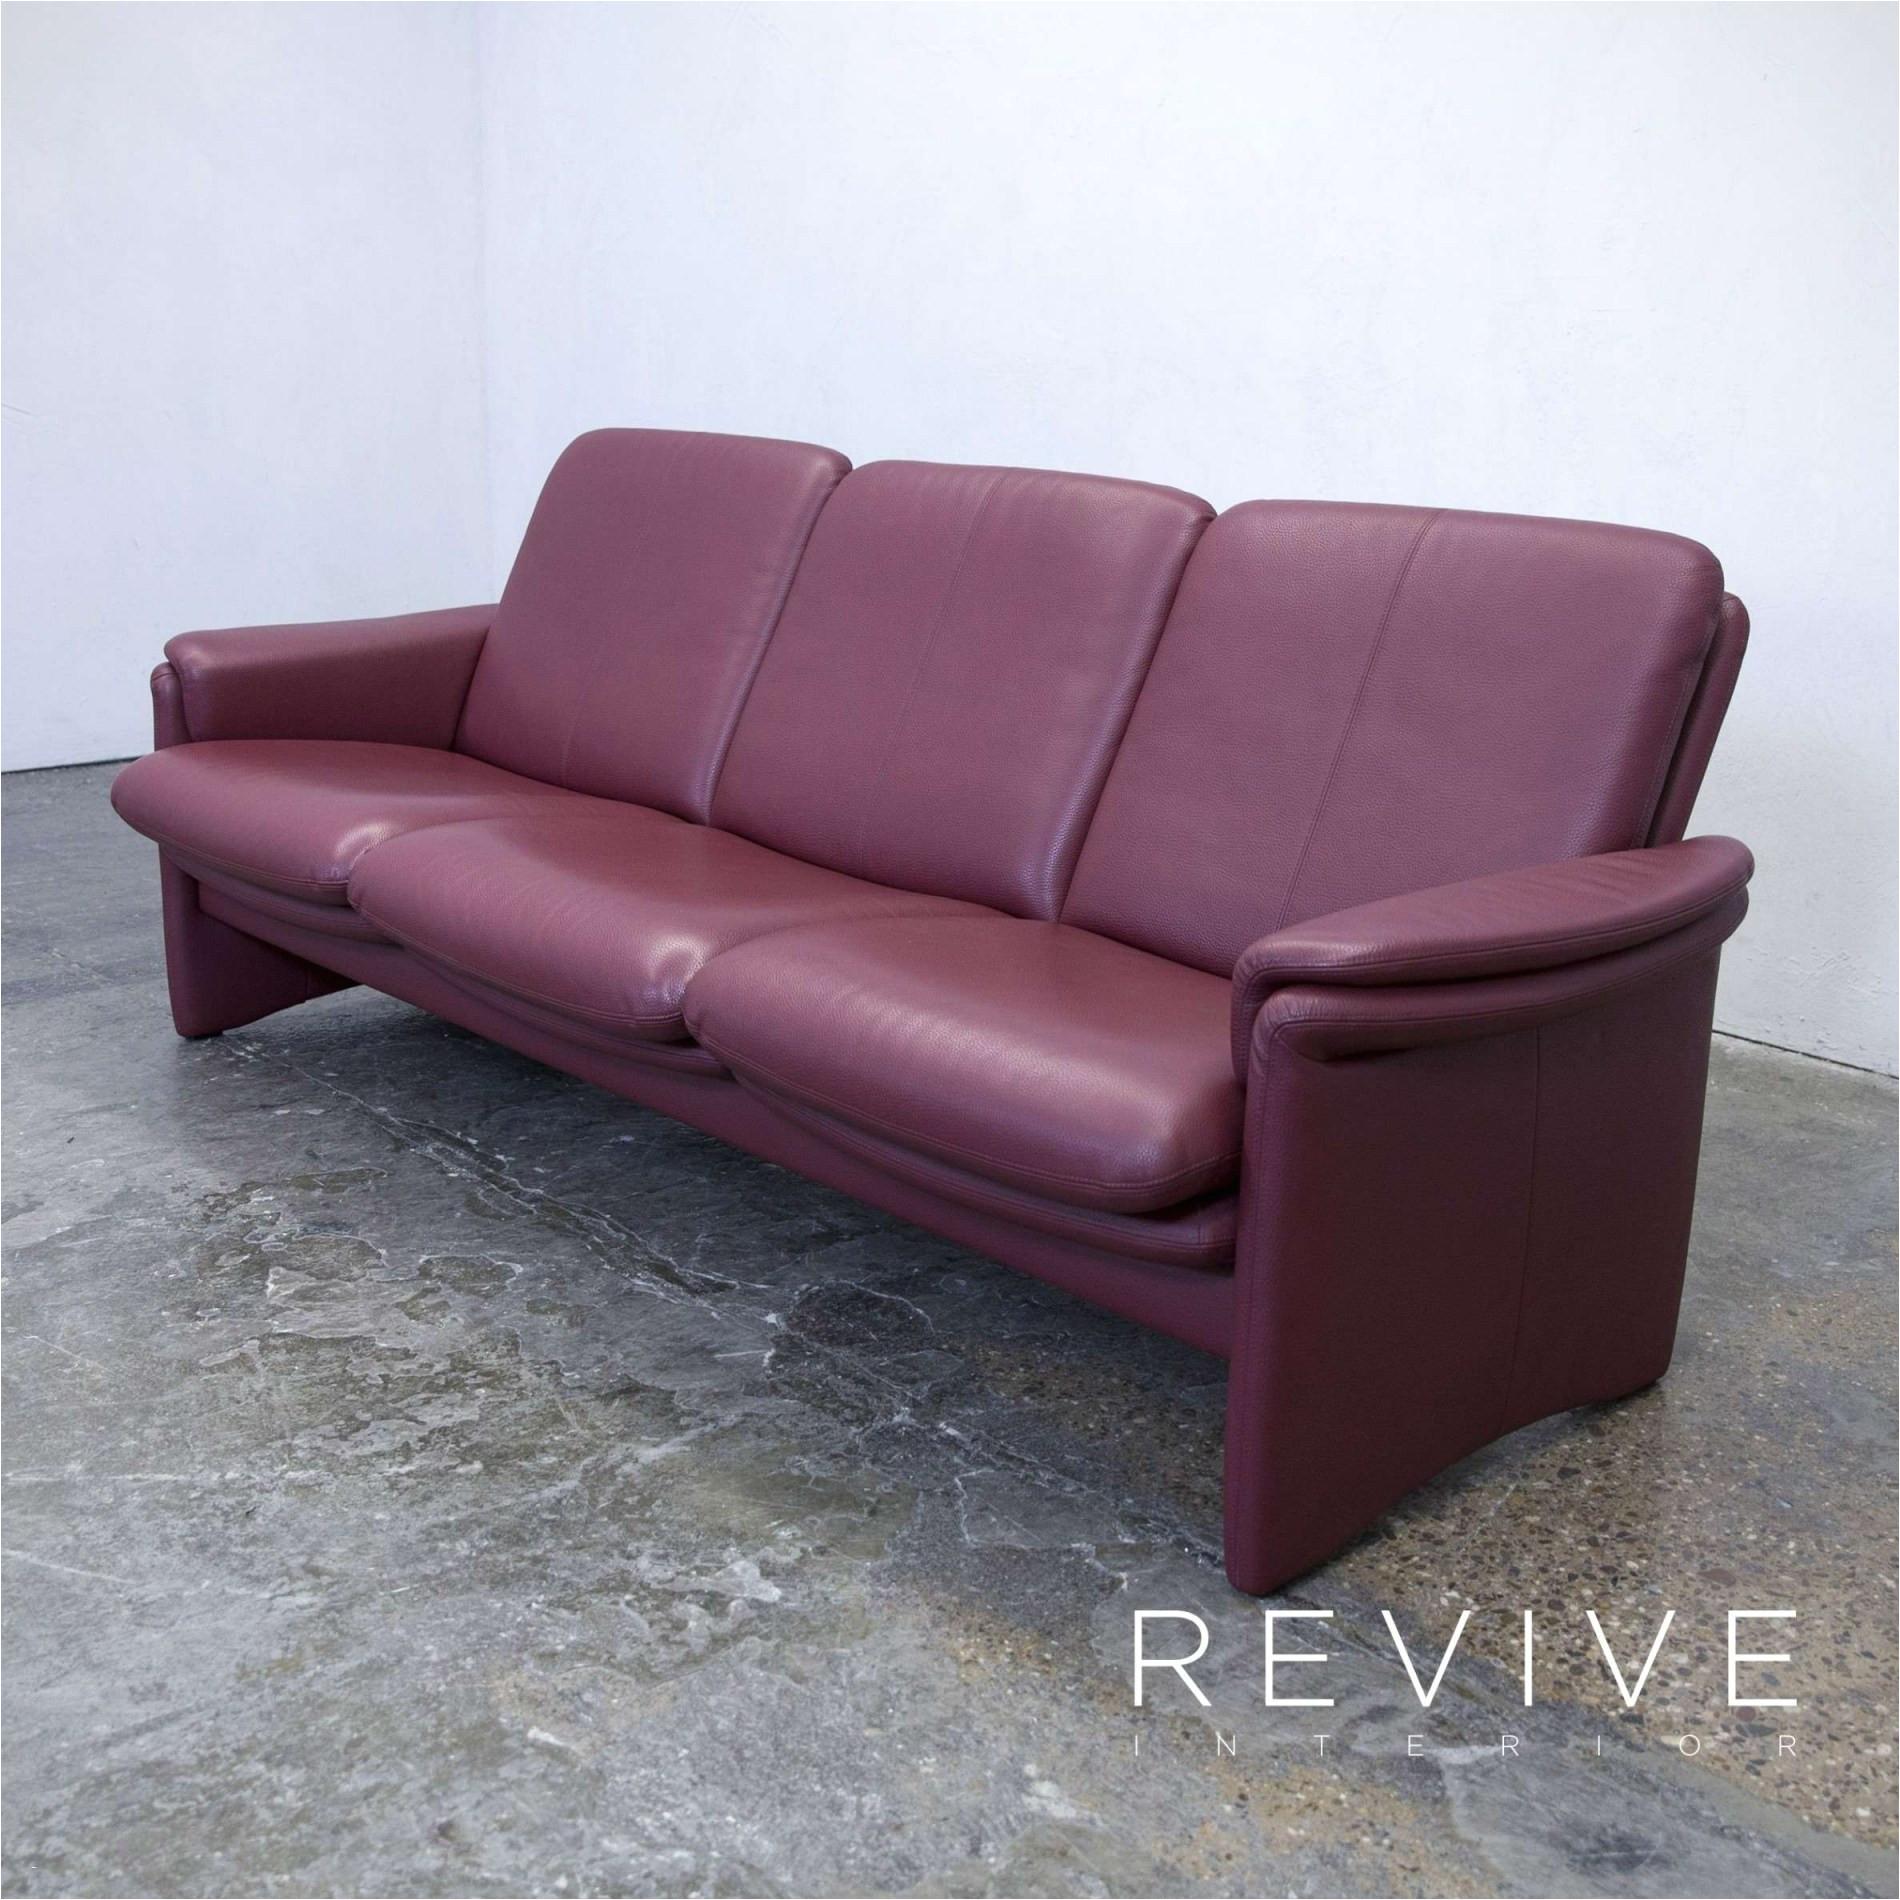 designer sofa lovely graues schlafsofa 0d archives sofa ideas design das konzept von schlafsofa